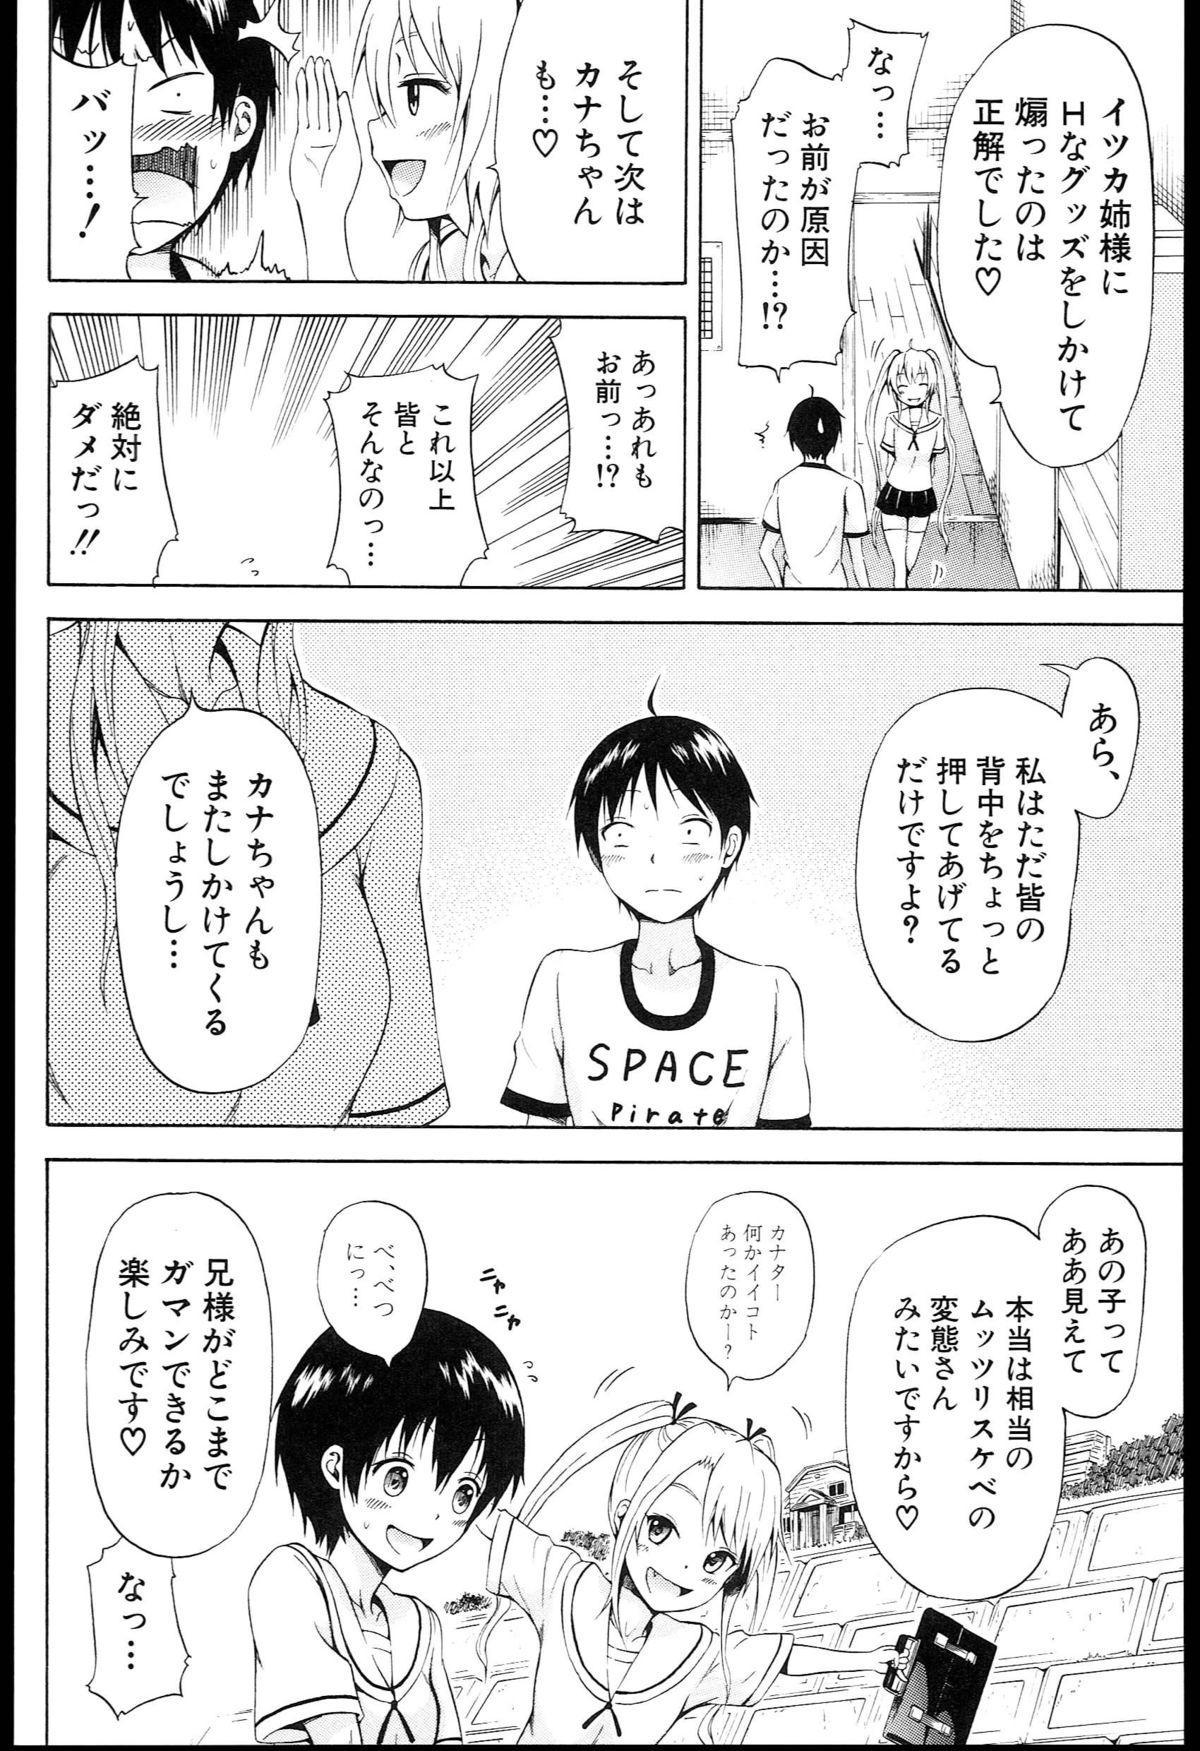 Natsumitsu x Harem + Melonbooks Gentei Shousasshi 98